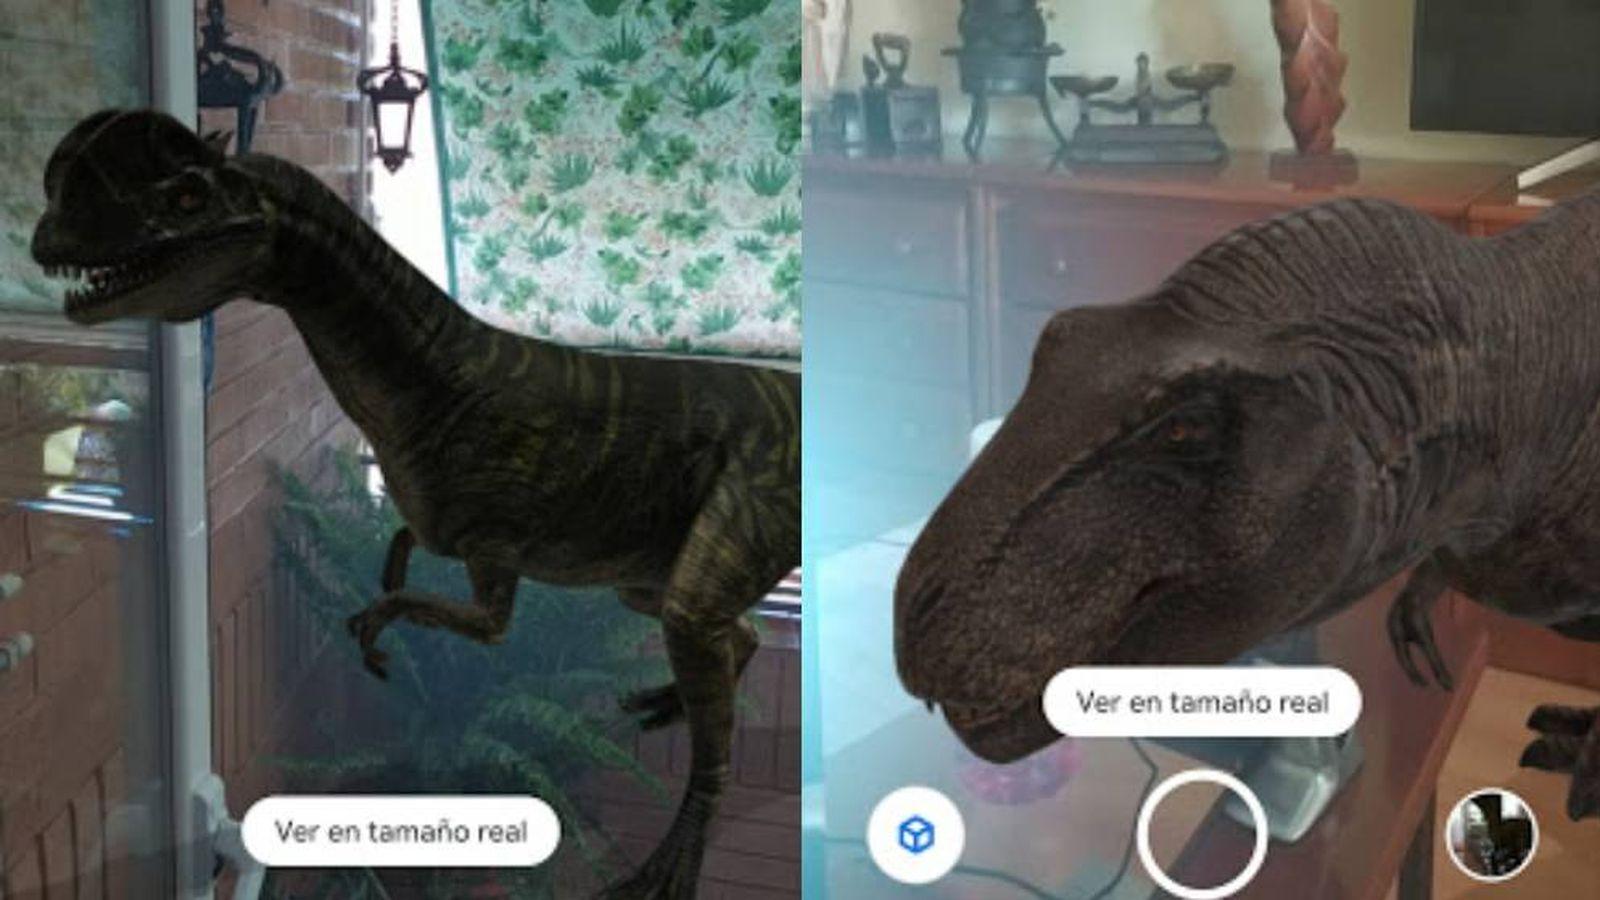 Asi Puedes Ver Los Dinosaurios En 3d De Google En Tu Propia Casa Informacion sobre dinosaurios, para niños o adultos. los dinosaurios en 3d de google